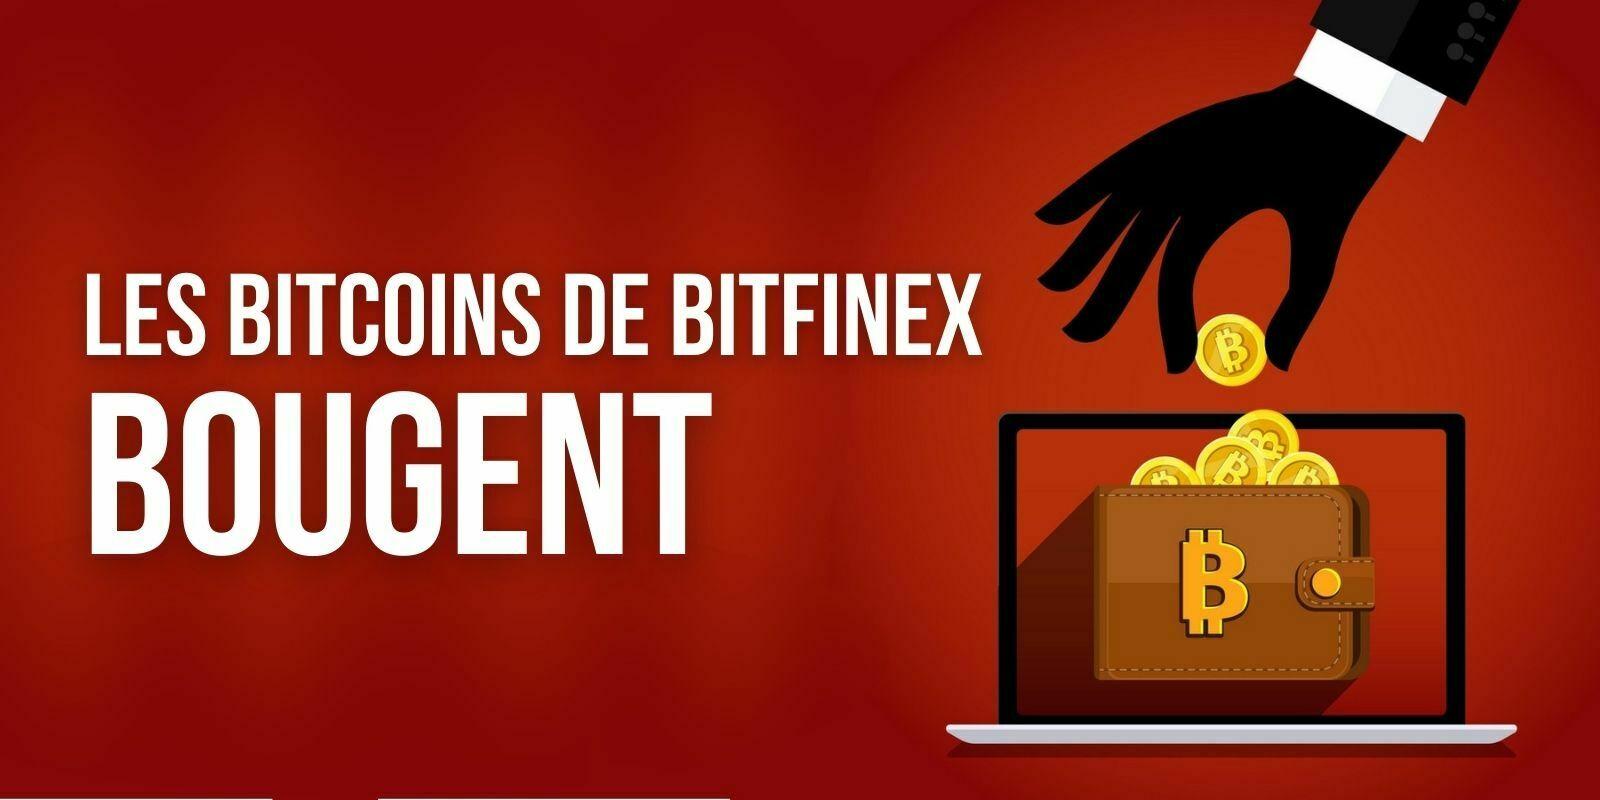 623 millions de dollars en Bitcoin (BTC) issus du hack de Bitfinex ont été déplacés